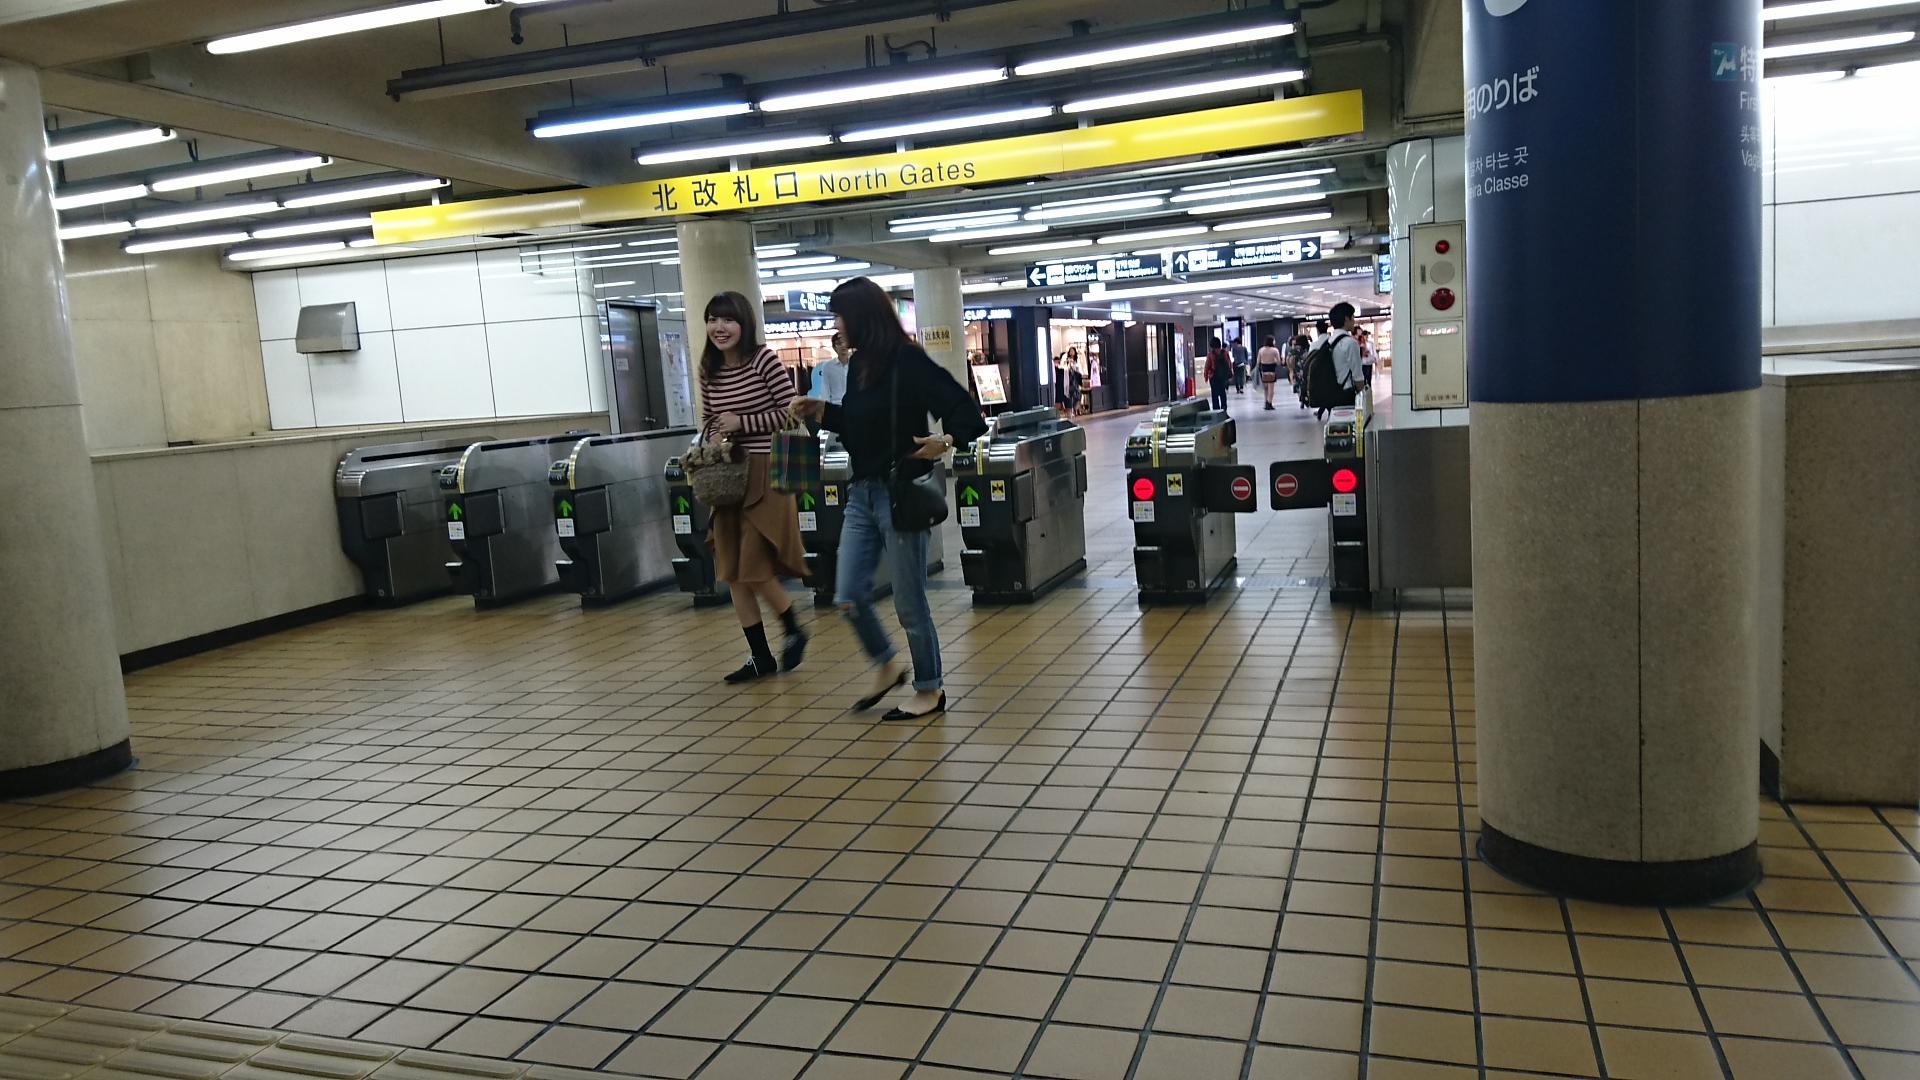 png_2016.10.19 名鉄名古屋駅のななつのかいさつぐち (4) きたかいさつぐち